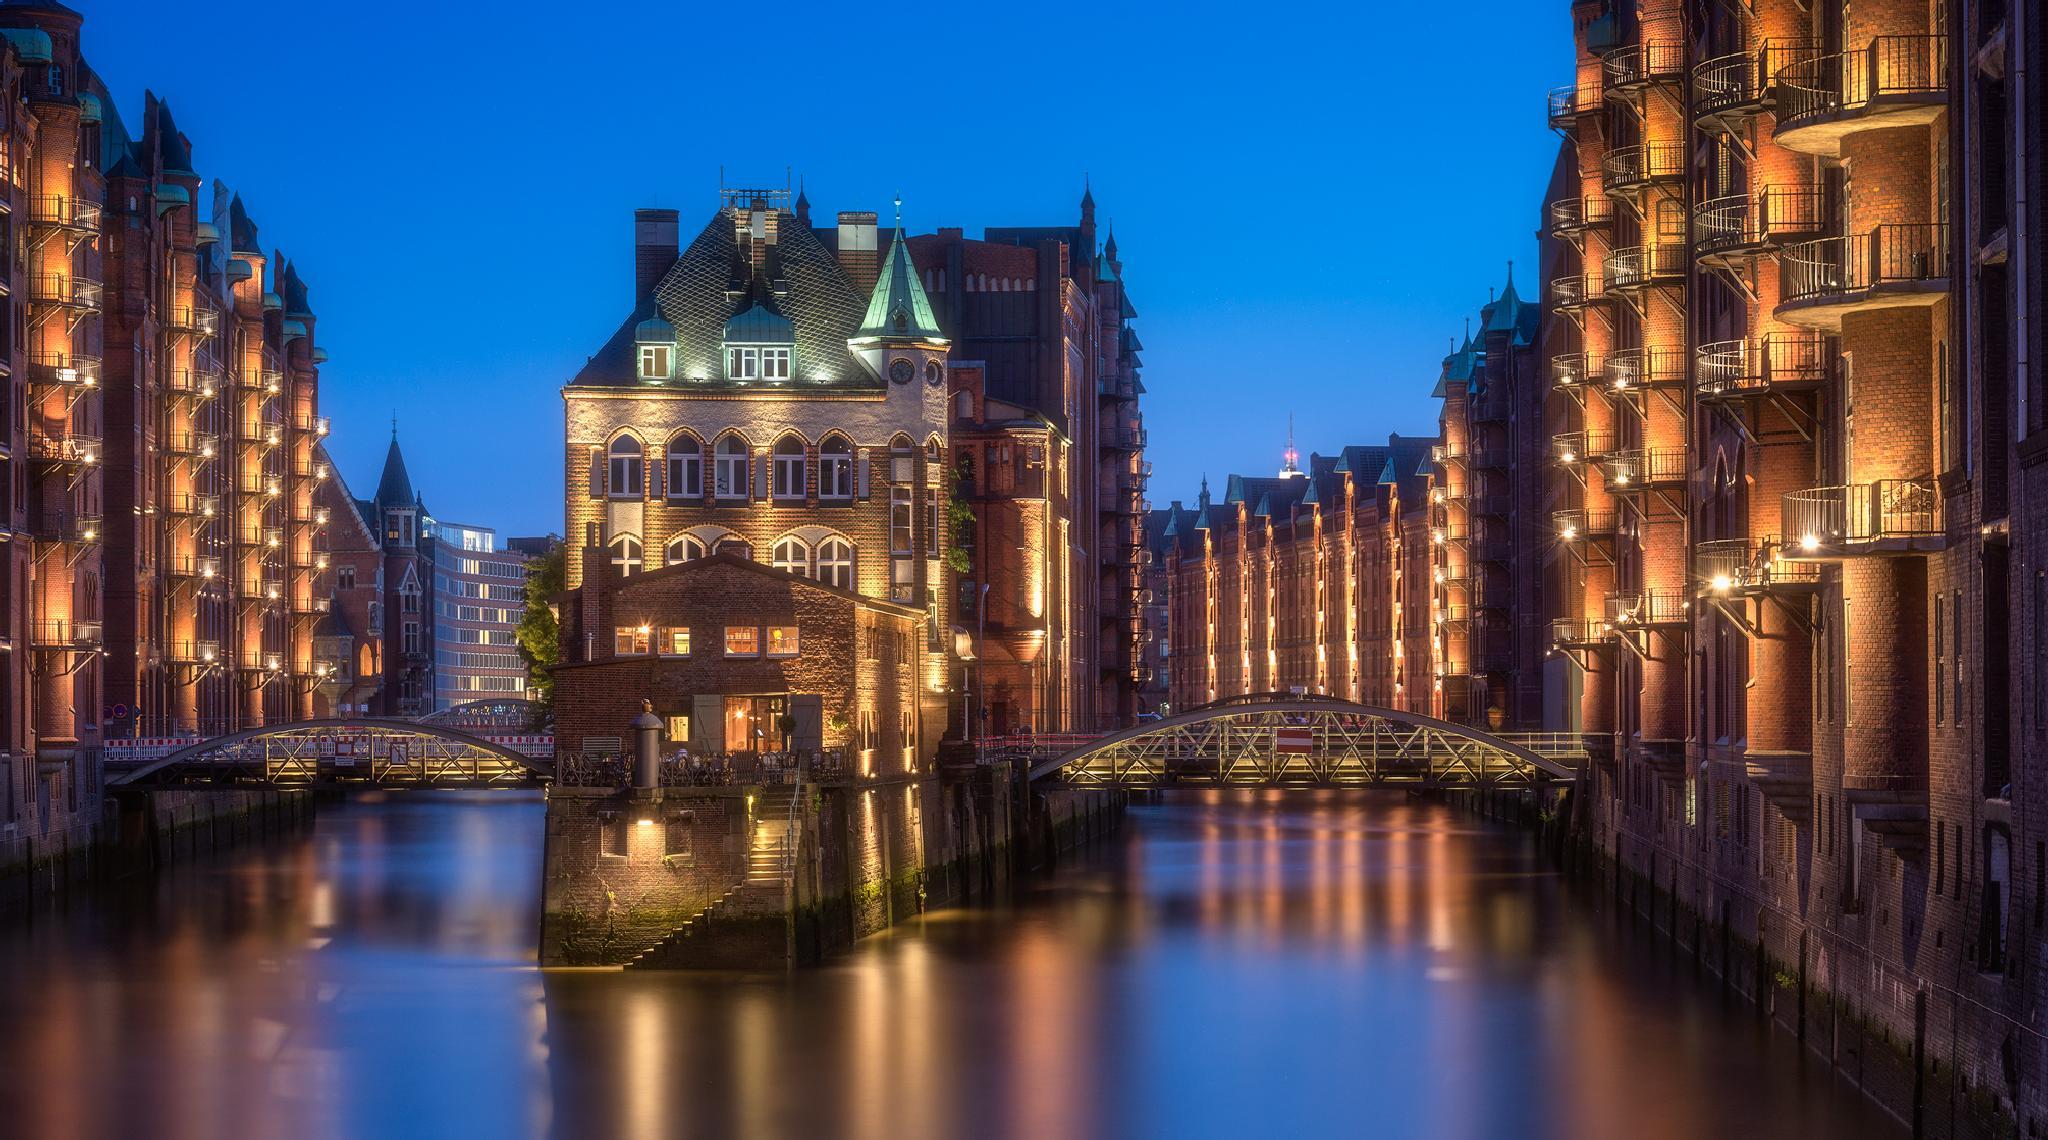 Hamburg Speicherstadt by Oliver Knist